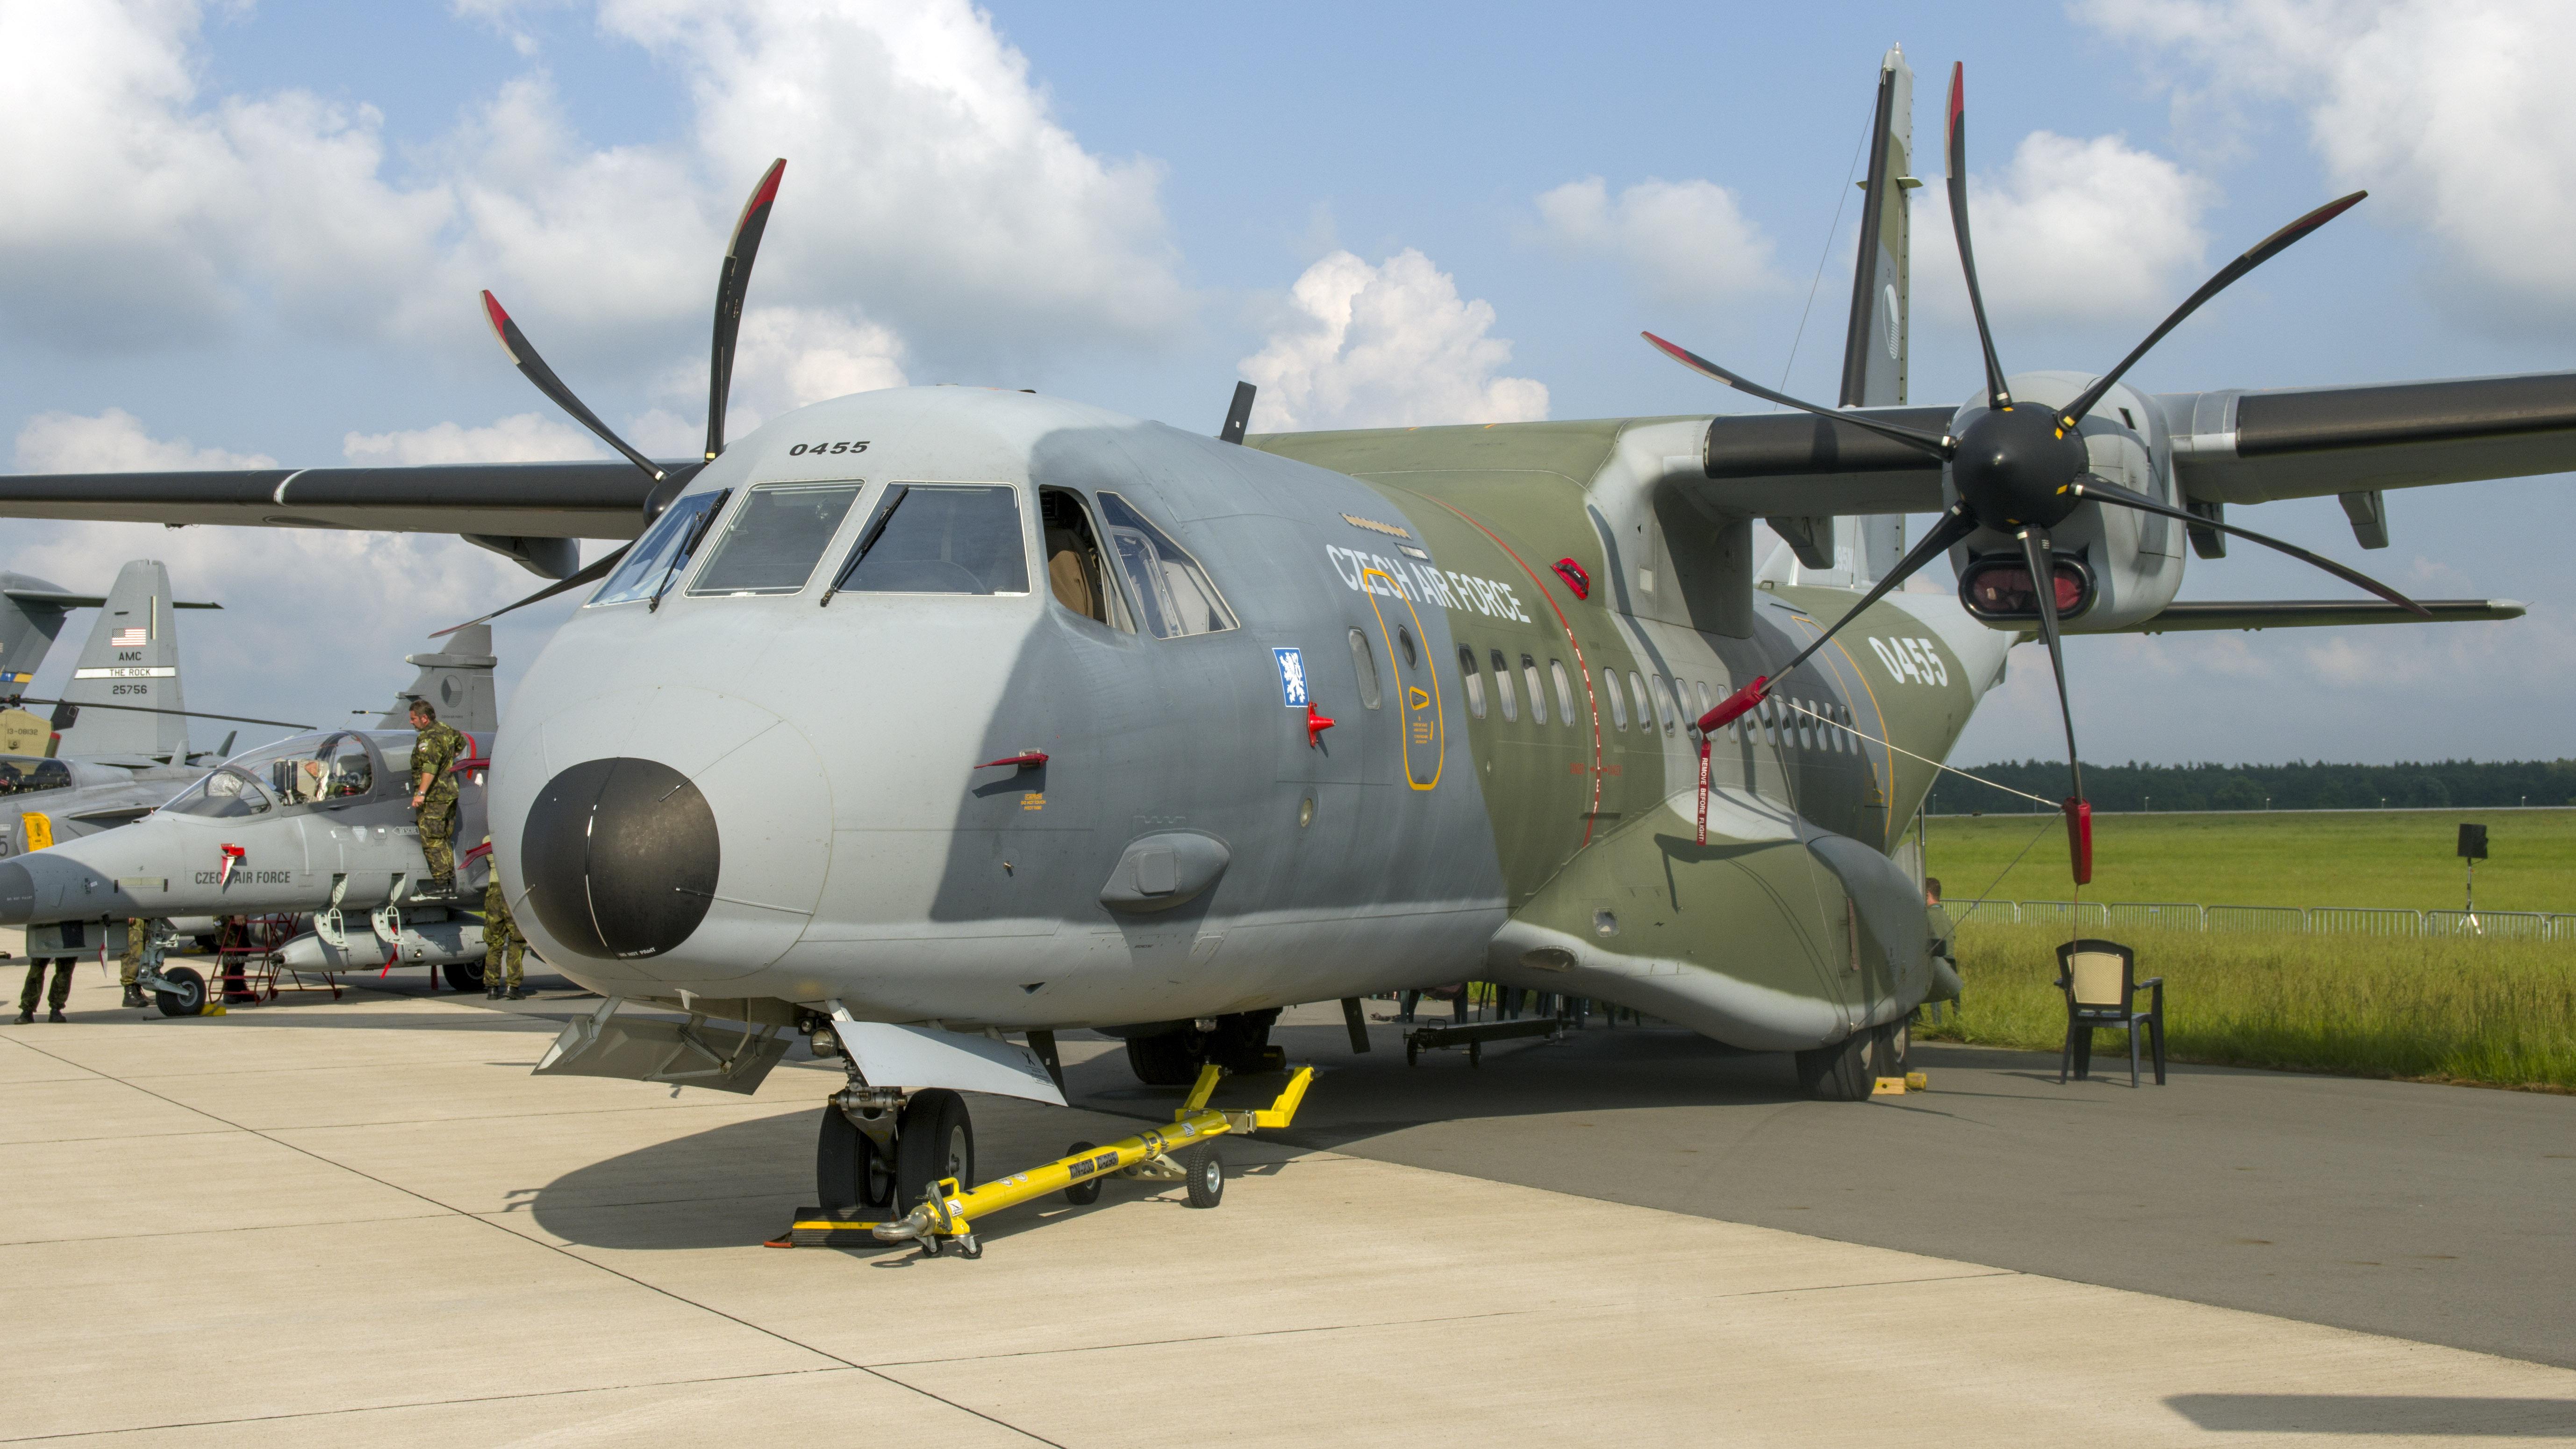 _IMG2244 CASA C-295M 0455 Czech Air Force